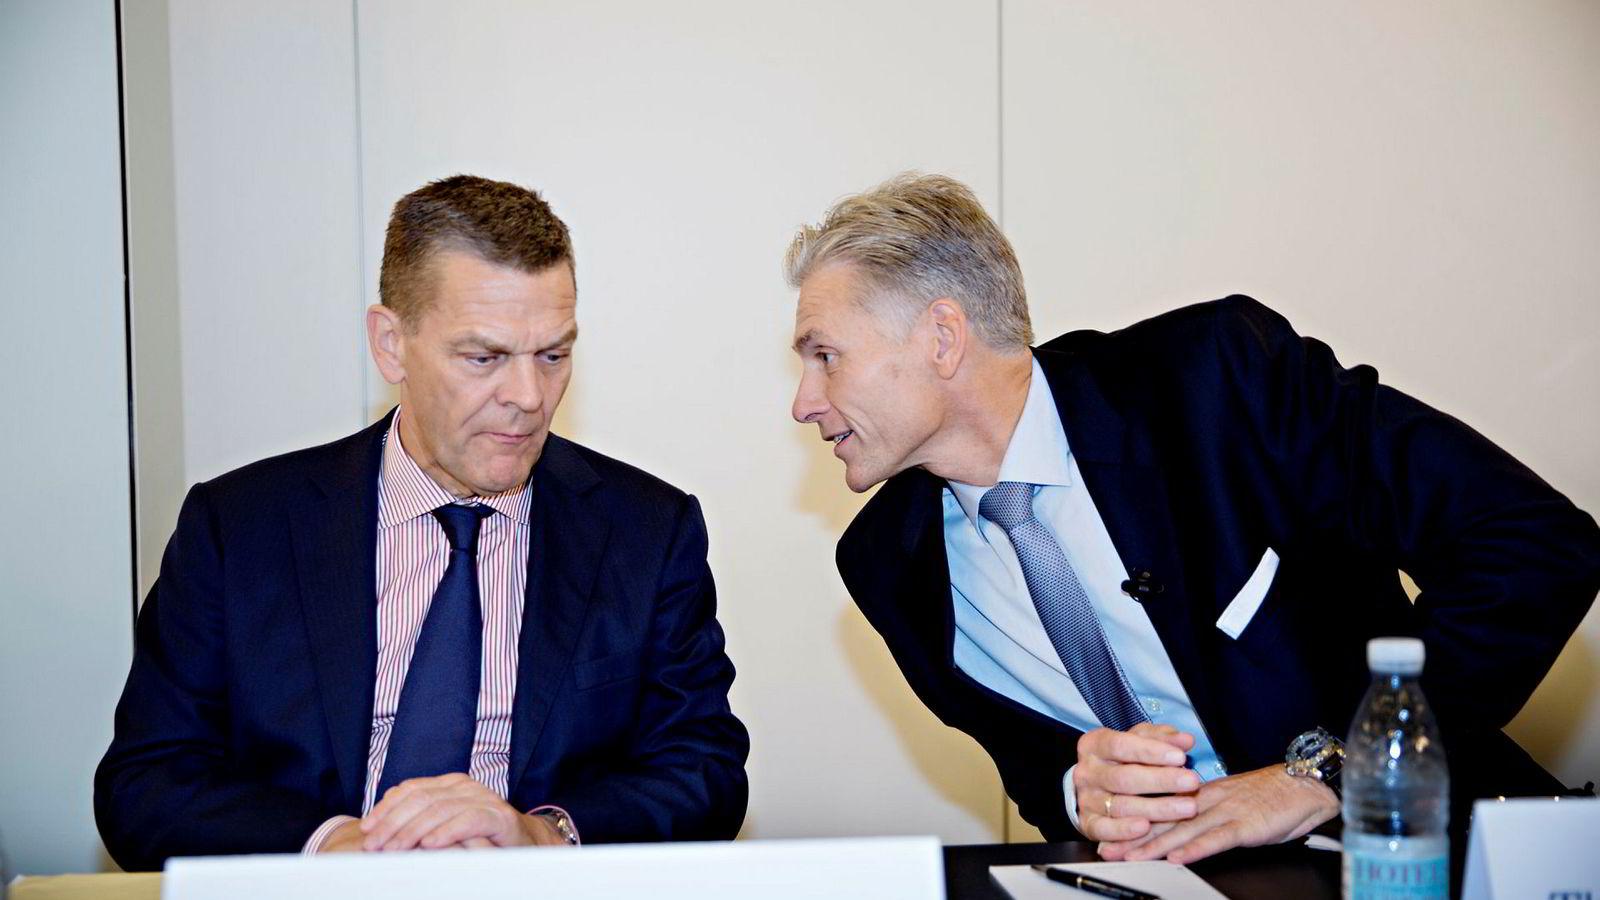 Thomas Borgen, til høyre, har gått av som konsernsjef for Danske Bank etter hvitvaskingskandalen i Estland. Ved hans side sitter styreleder Ole Andersen.